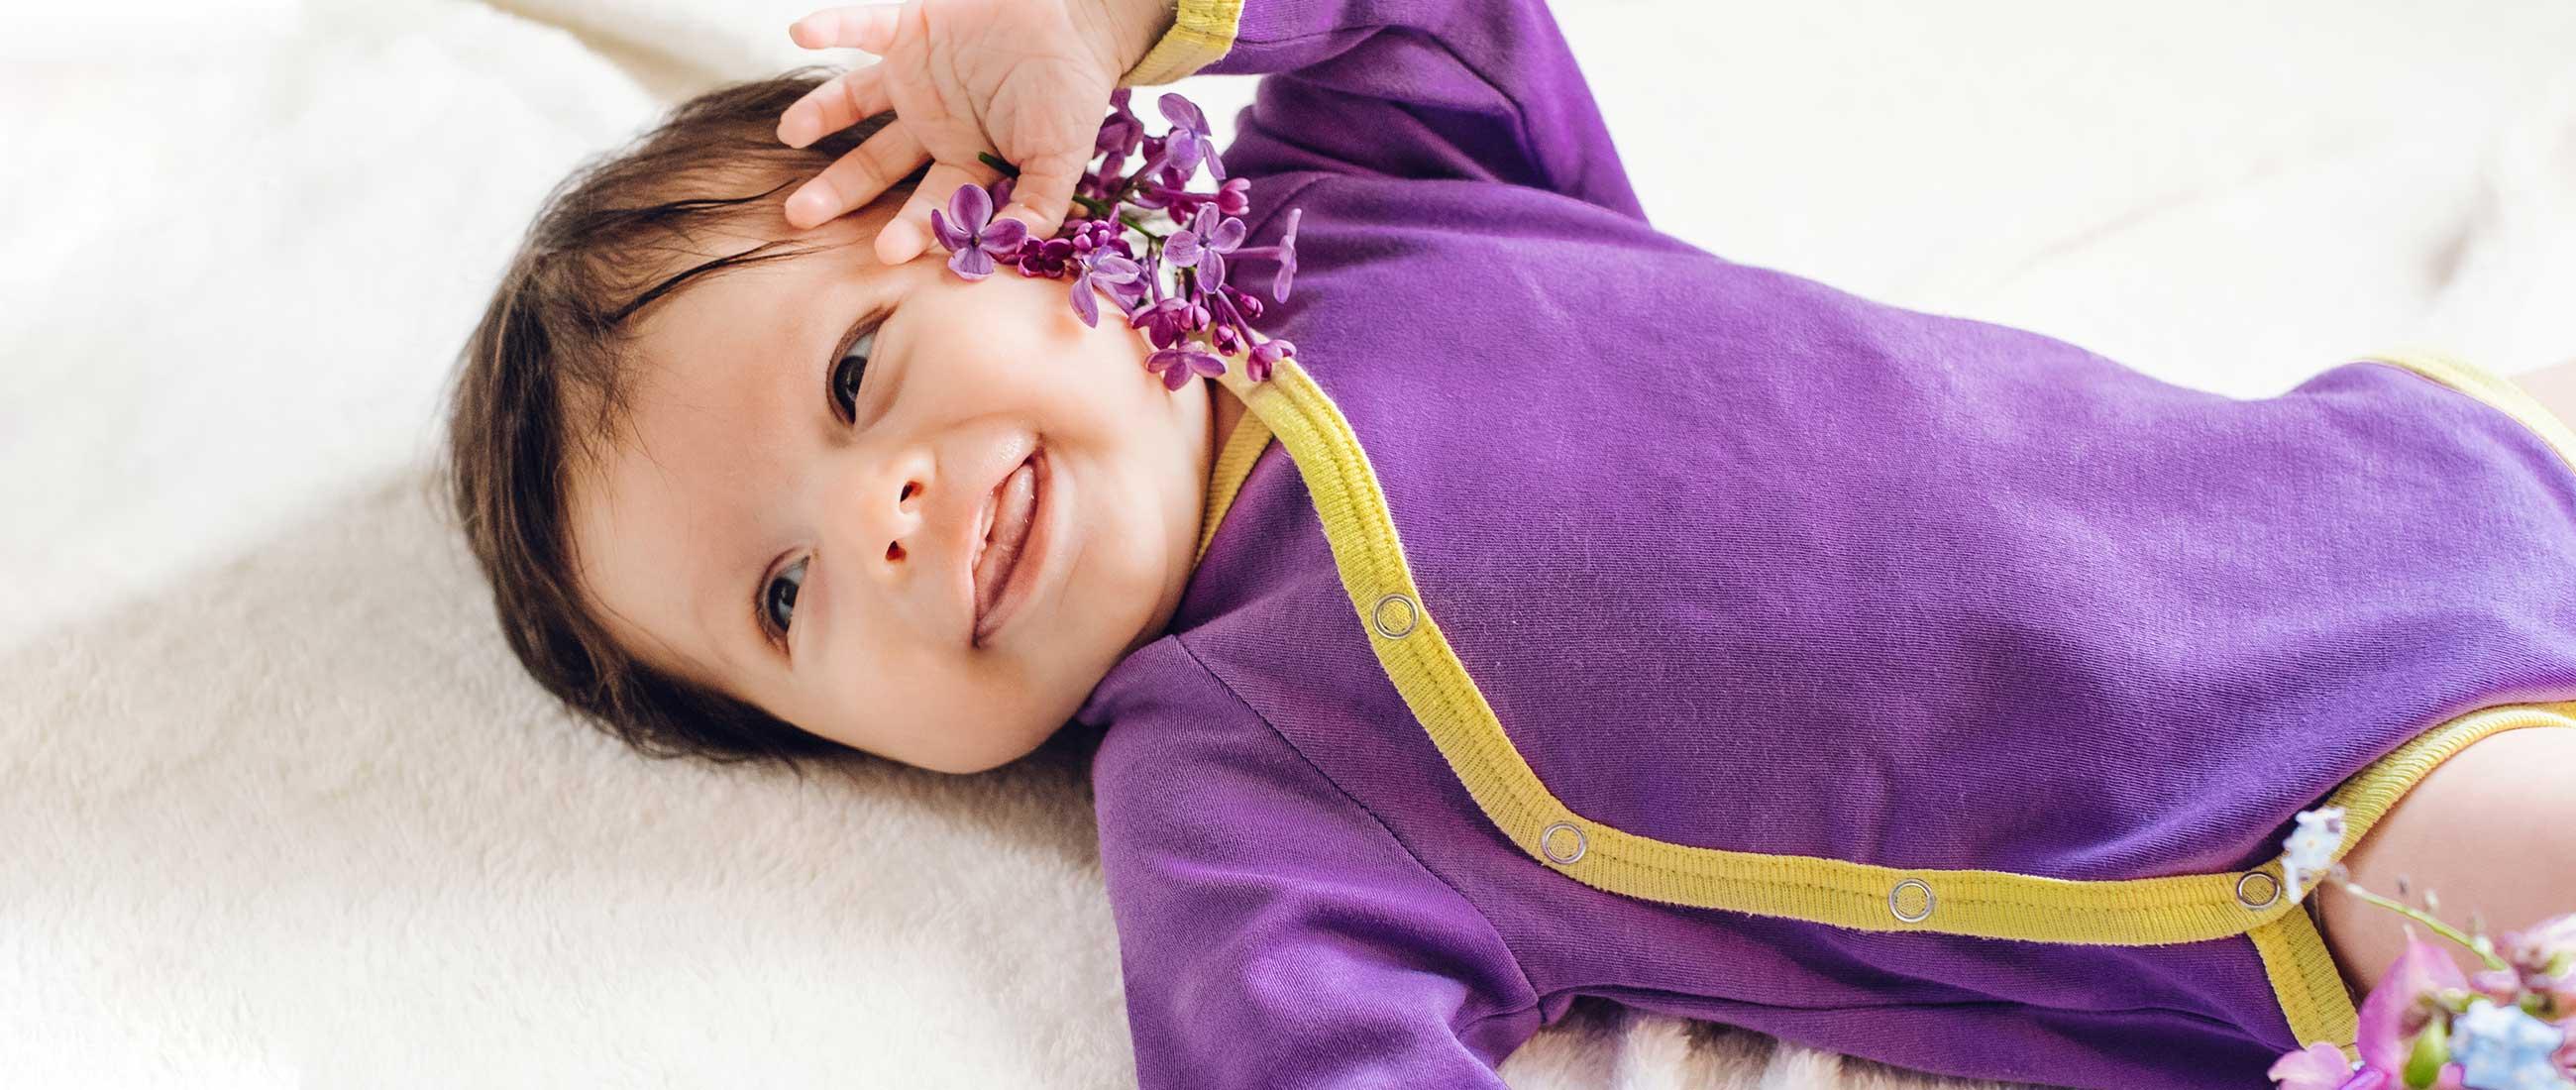 Babykleidung_Biobaumwolle_Pima_Hautverträglich_Gesund_Schadstofffrei_Erstlingsset_Kliniktasche